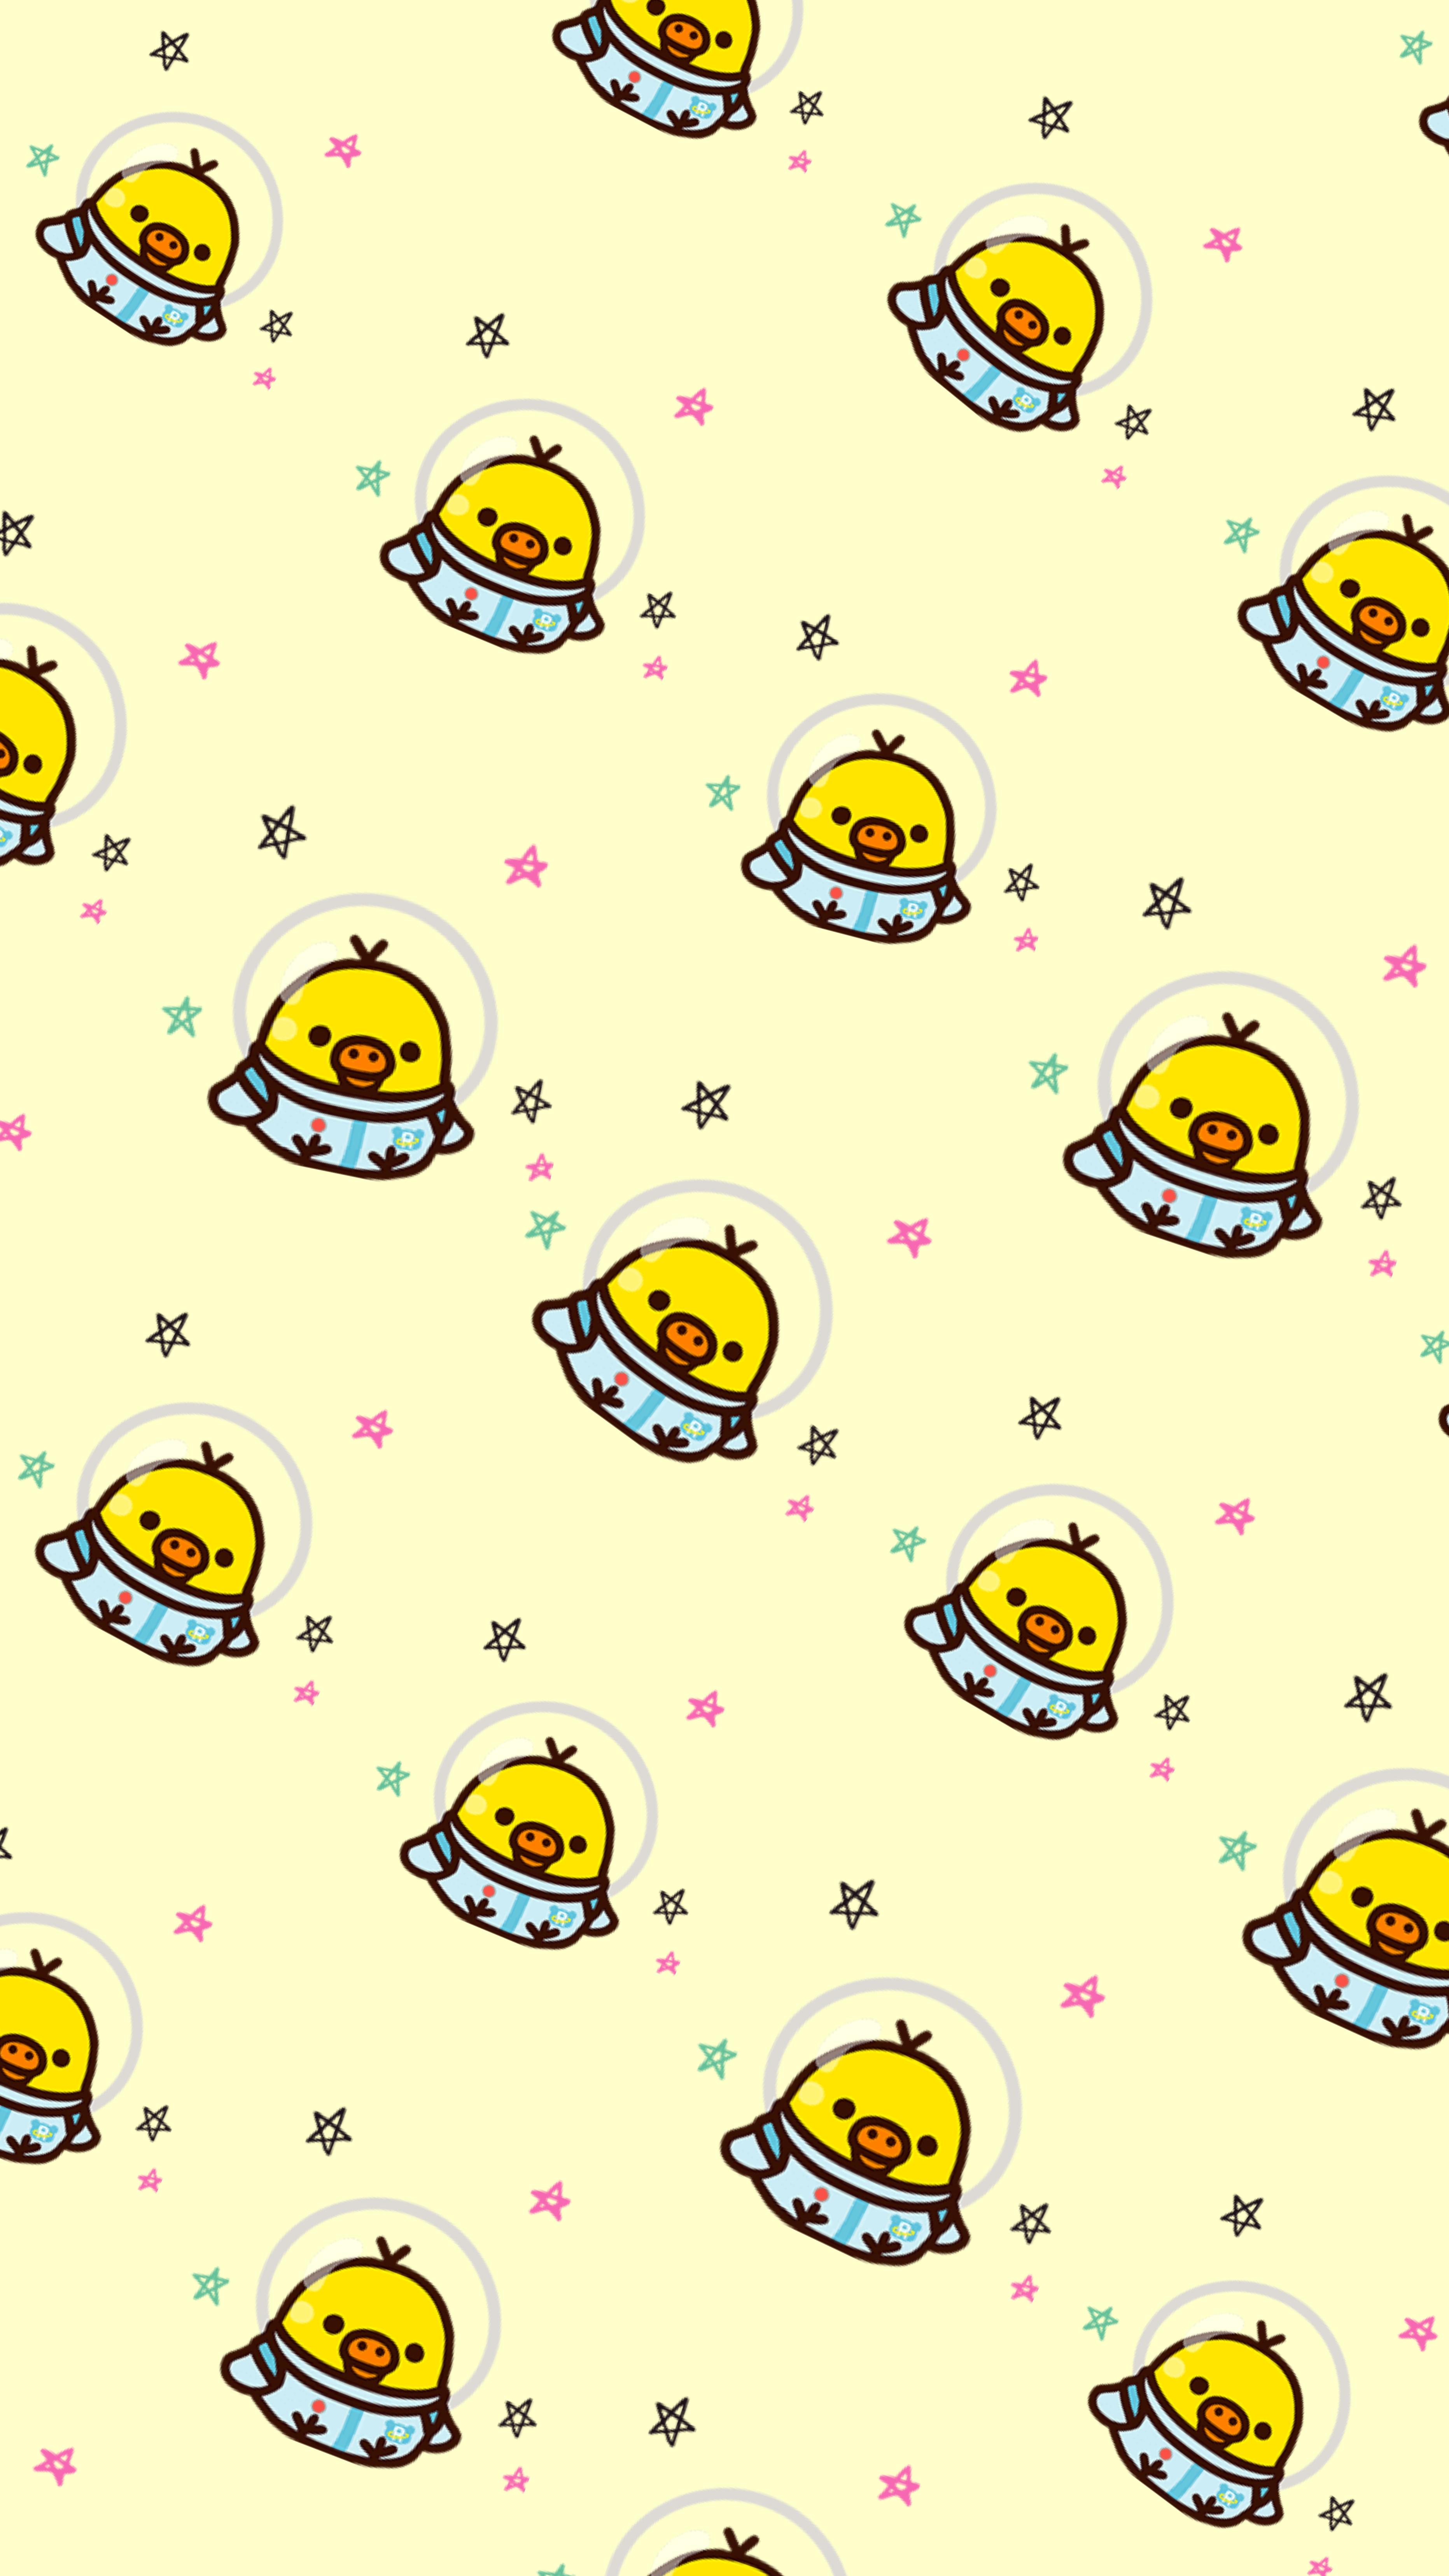 Kiiroitori Rilakkuma Wallpaper Cute Wallpapers Cute Cartoon